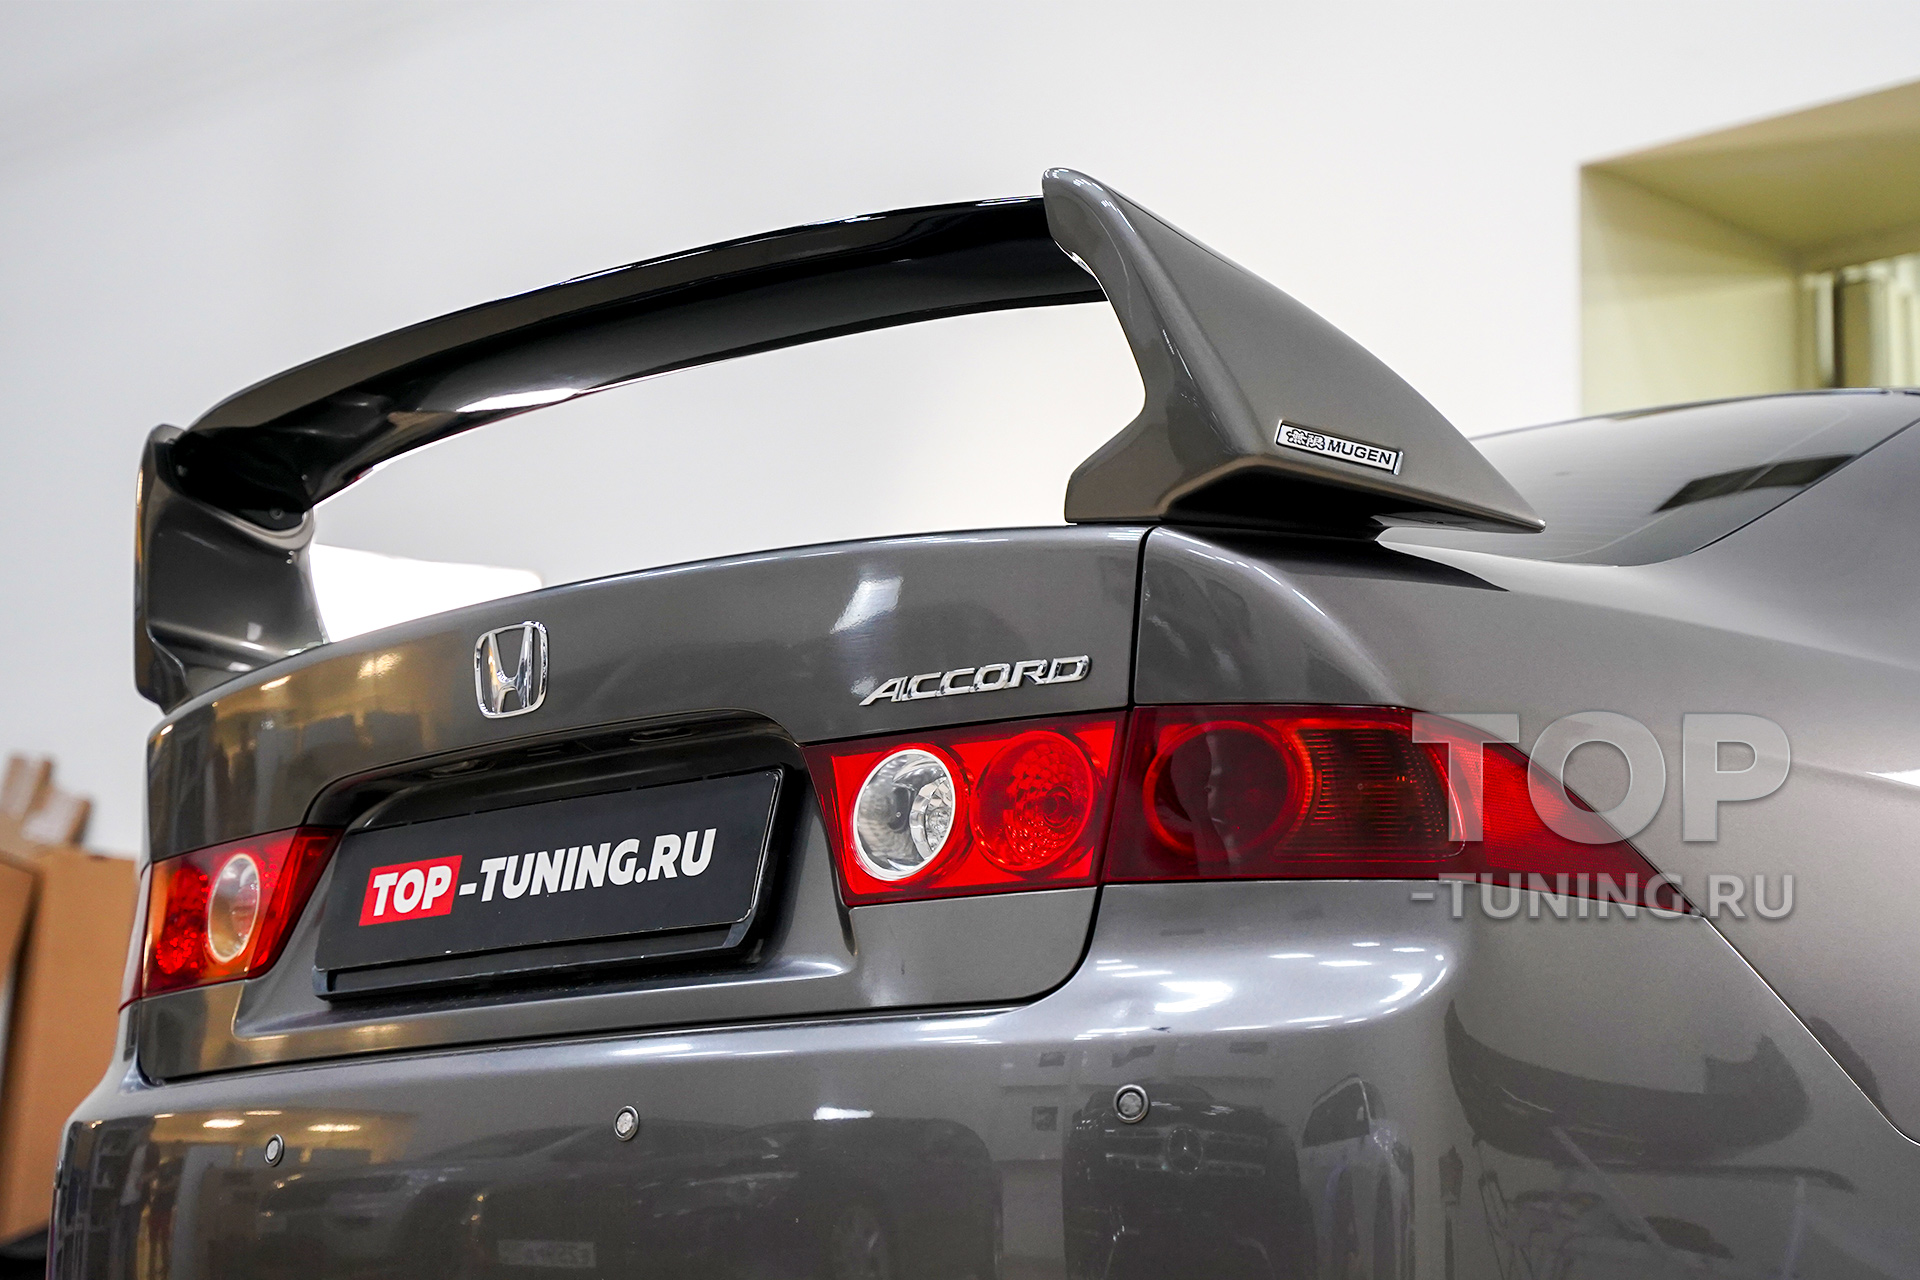 Установка спойлера Mugen на Honda Accord 7 CL